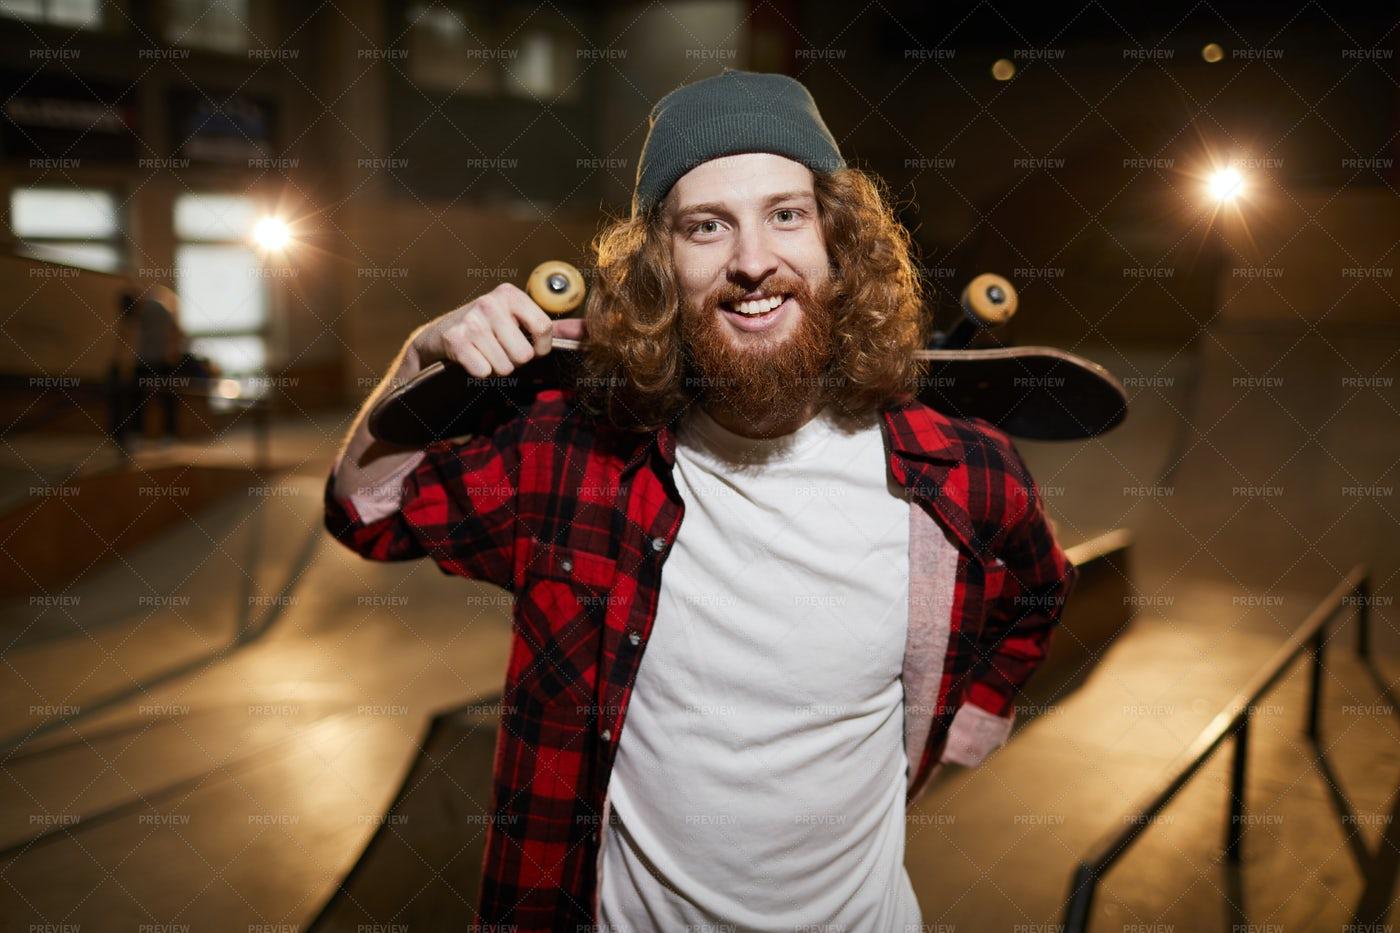 Skater Smiling At Camera: Stock Photos